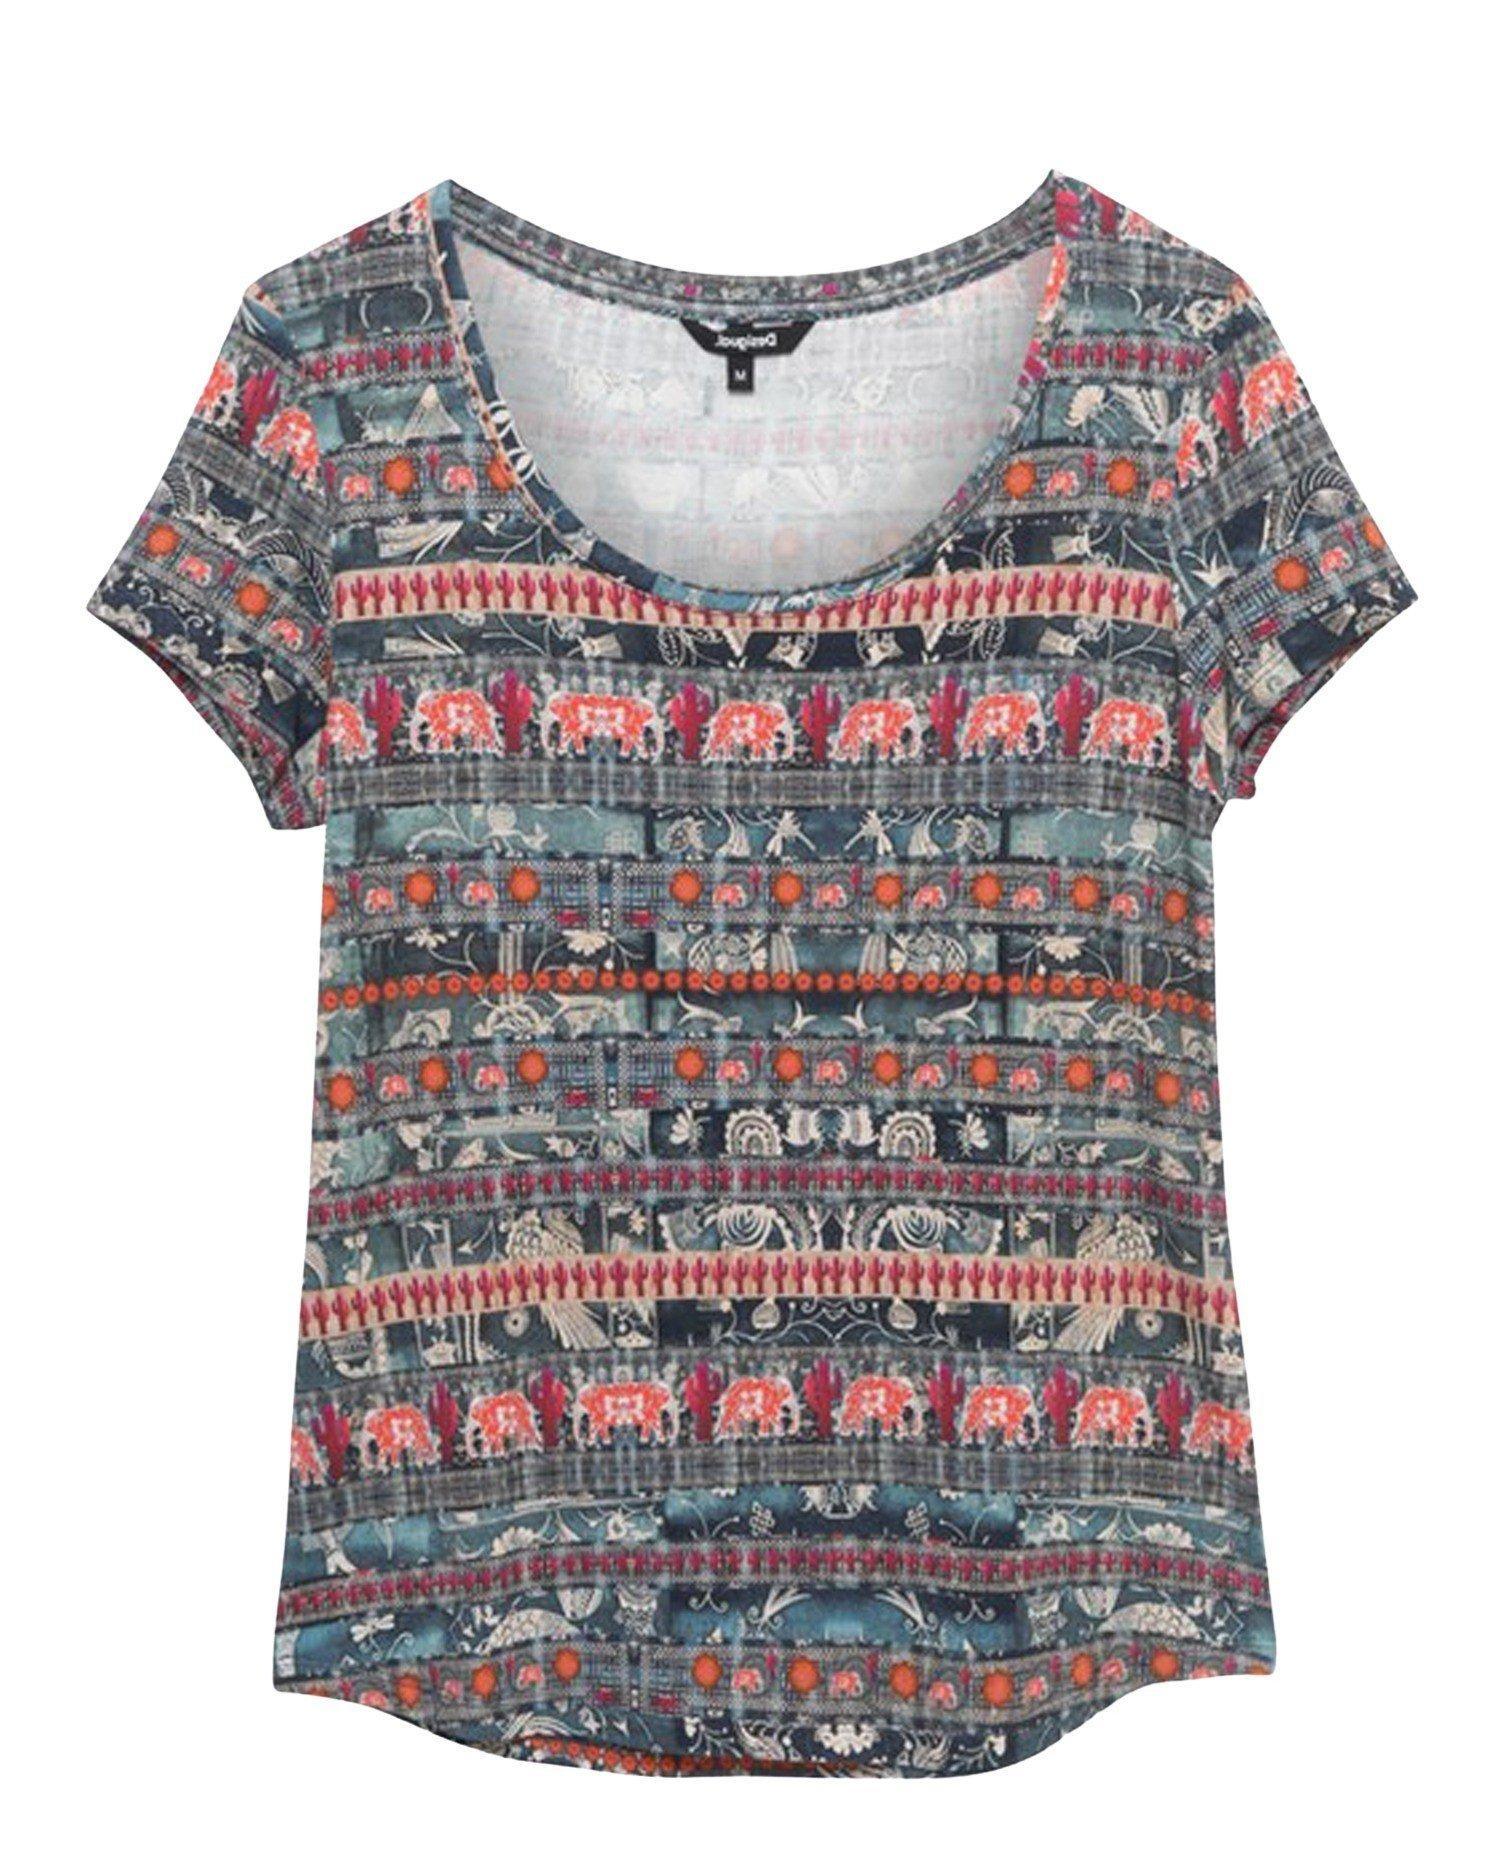 Desigual Women's T-Shirt Various Colours 192577 - multicolor XS